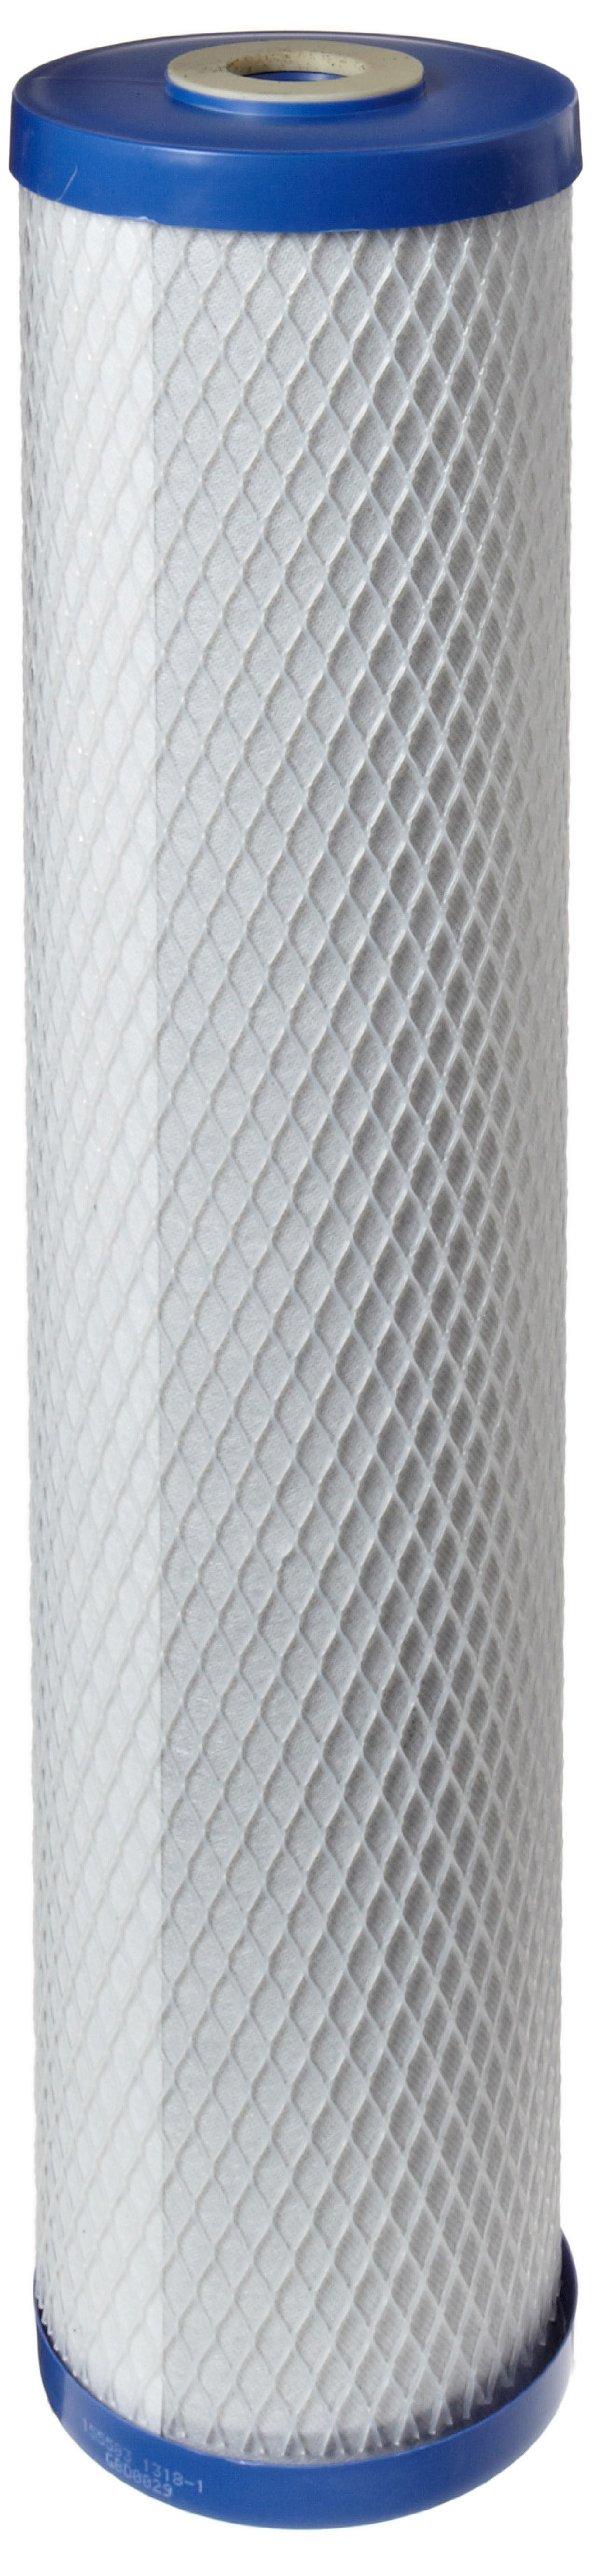 """Pentek Ep-20Bb Carbon Block Filter Cartridge 20"""" X 4-5/8"""" 5 Microns 2"""